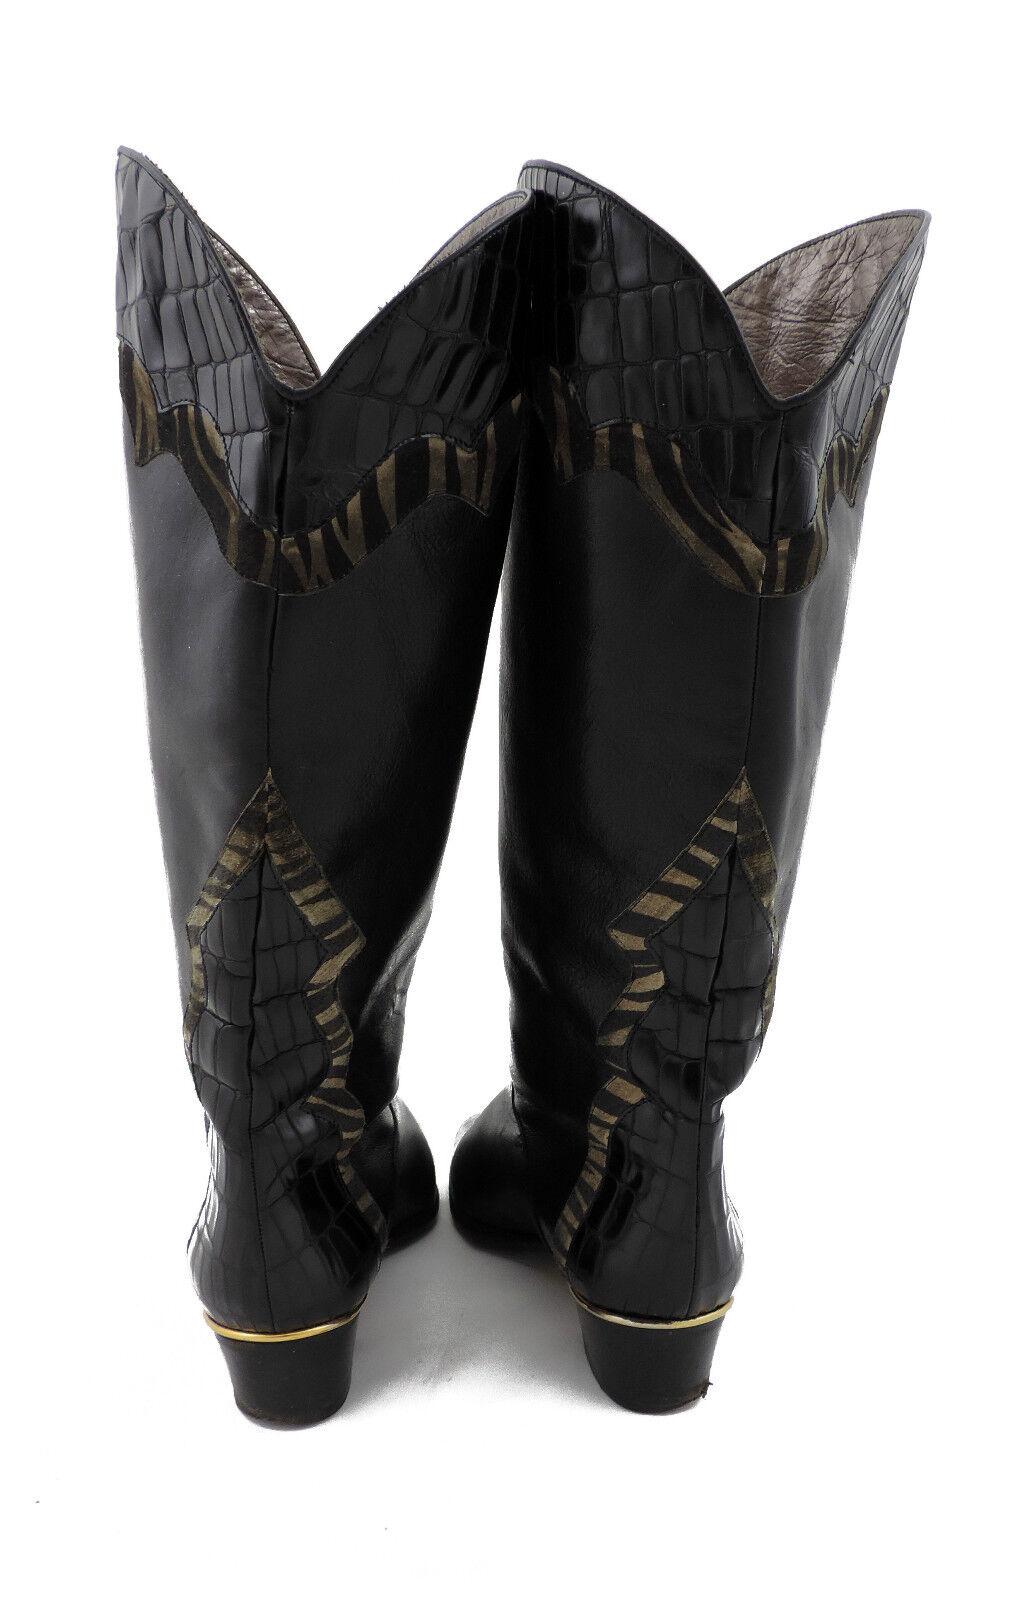 Brunella Stiefel vintage 38 schwarz Schlüpfstiefel Leder vintage Stiefel slouch 01054a